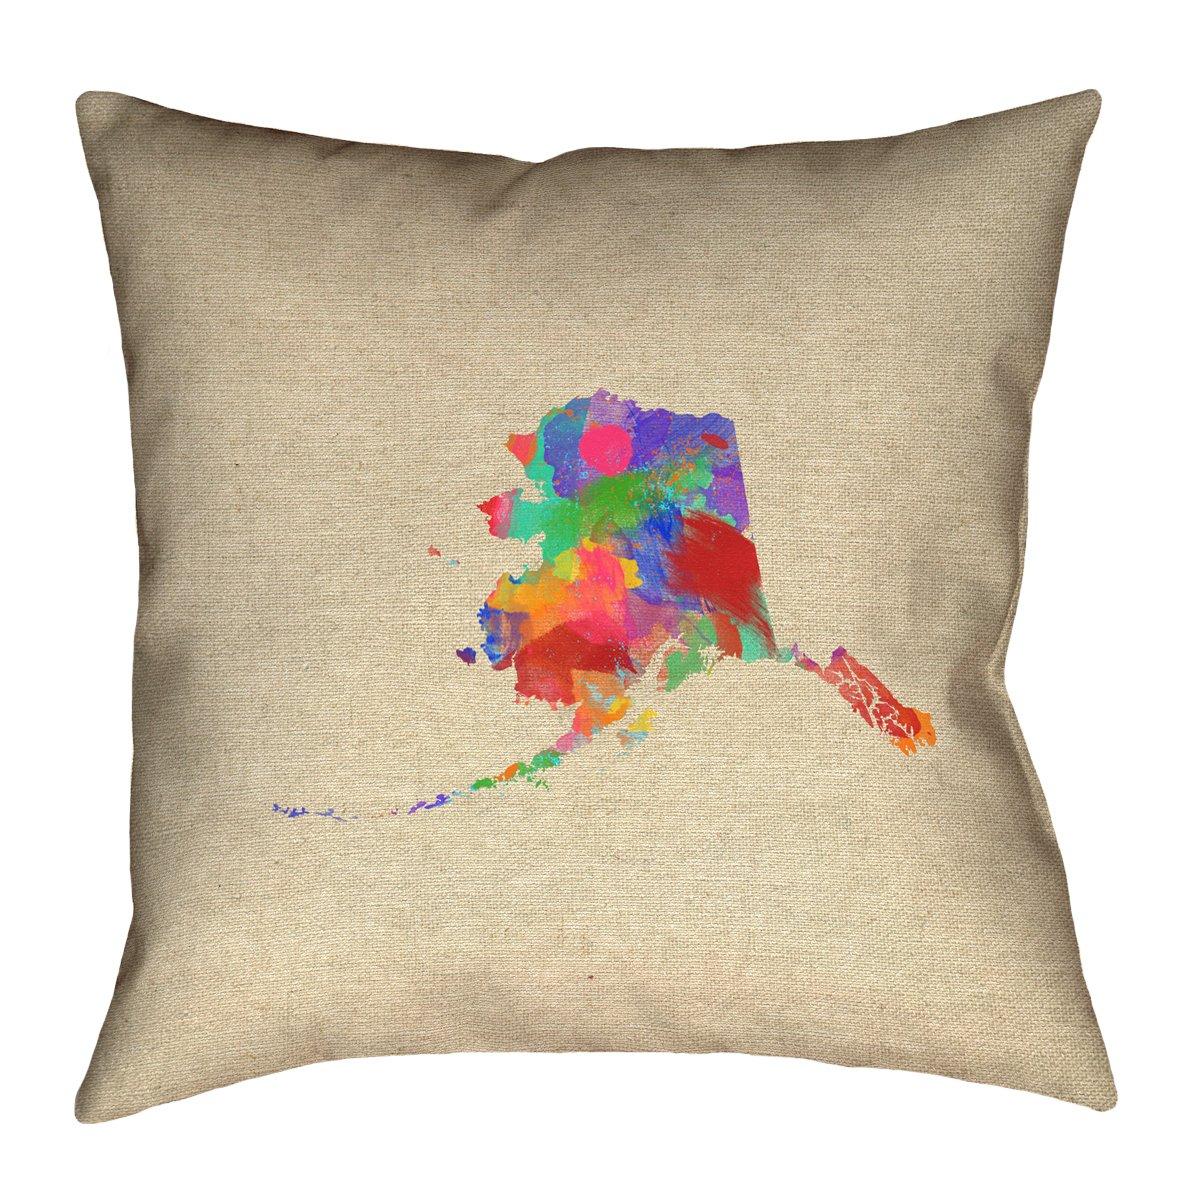 ArtVerse Katelyn Smith 26 x 26 Spun Polyester Alaska Watercolor Pillow